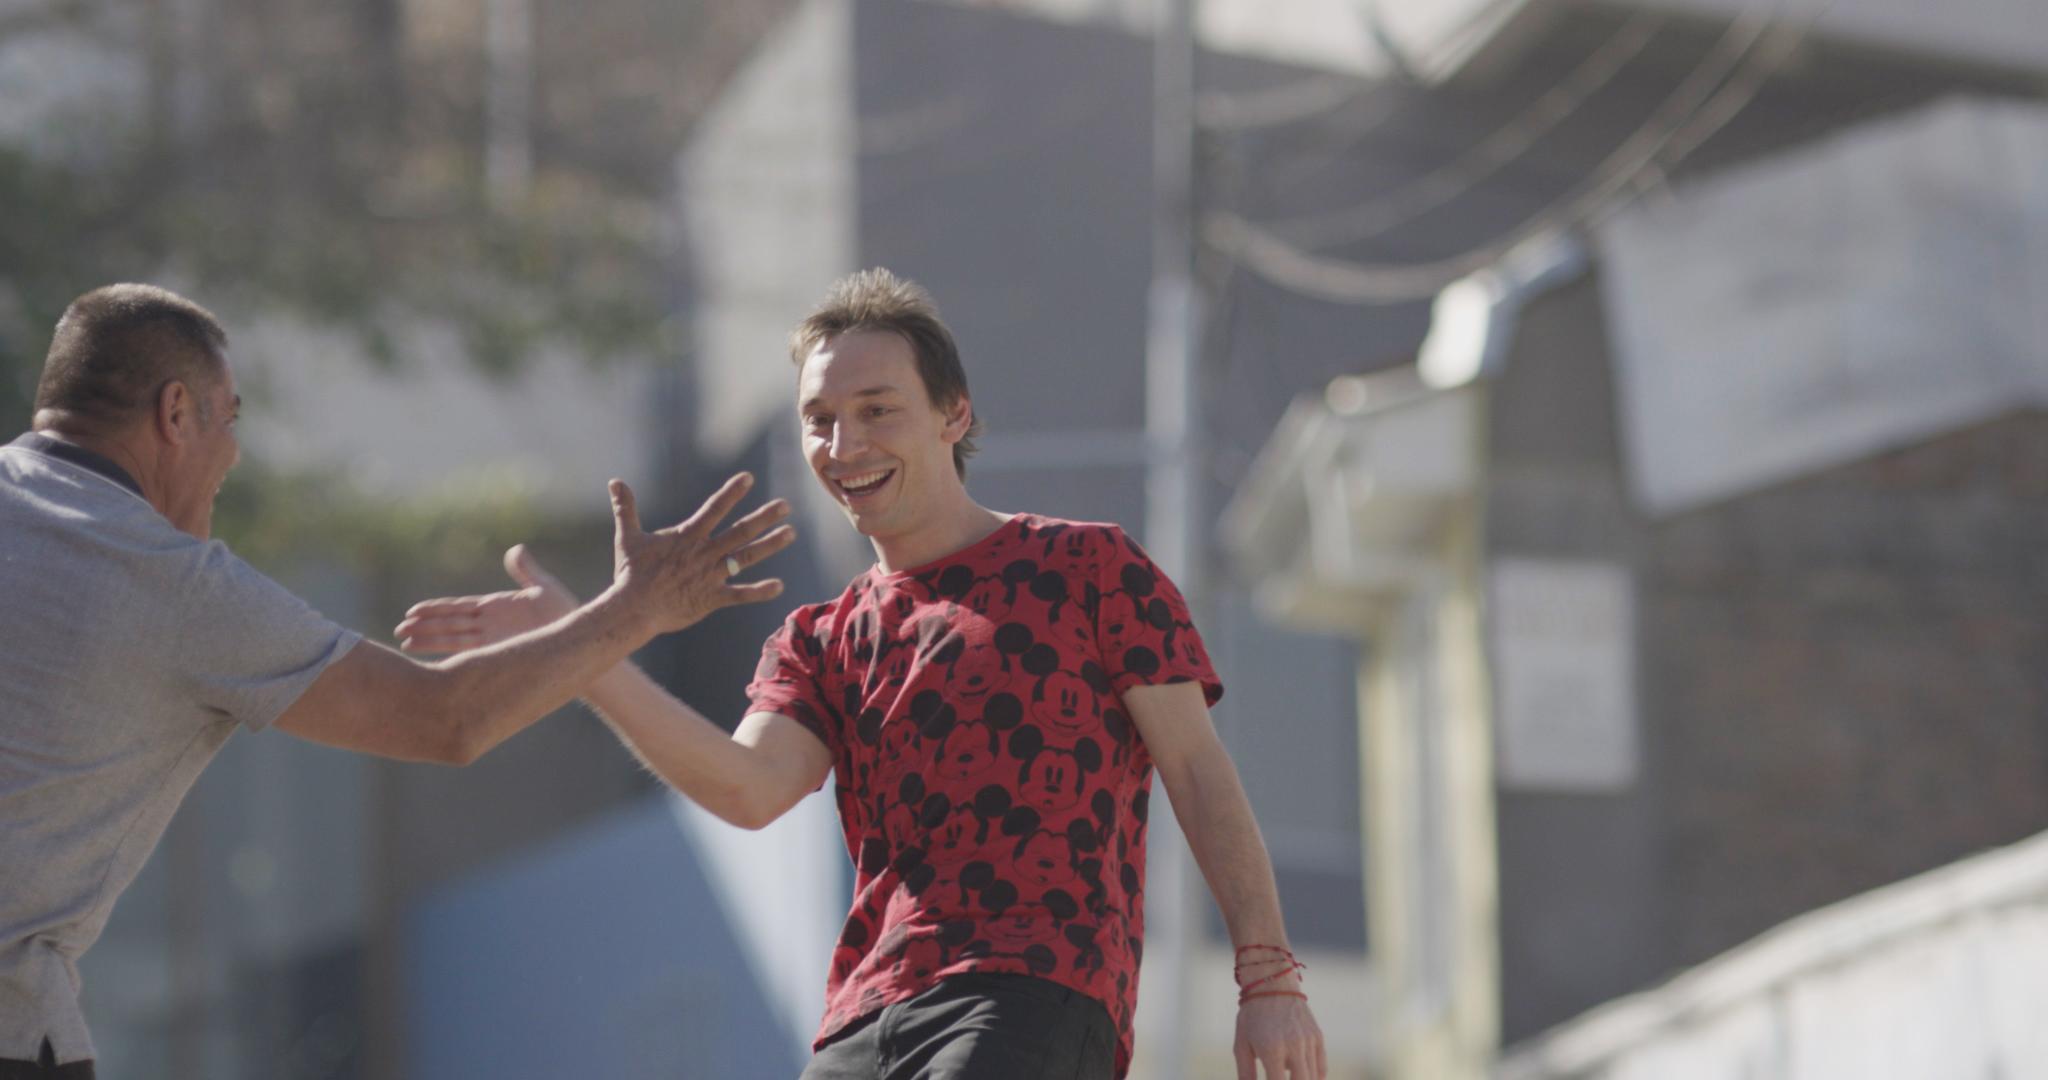 Así es el nuevo hombre chileno según Encuesta Adimark